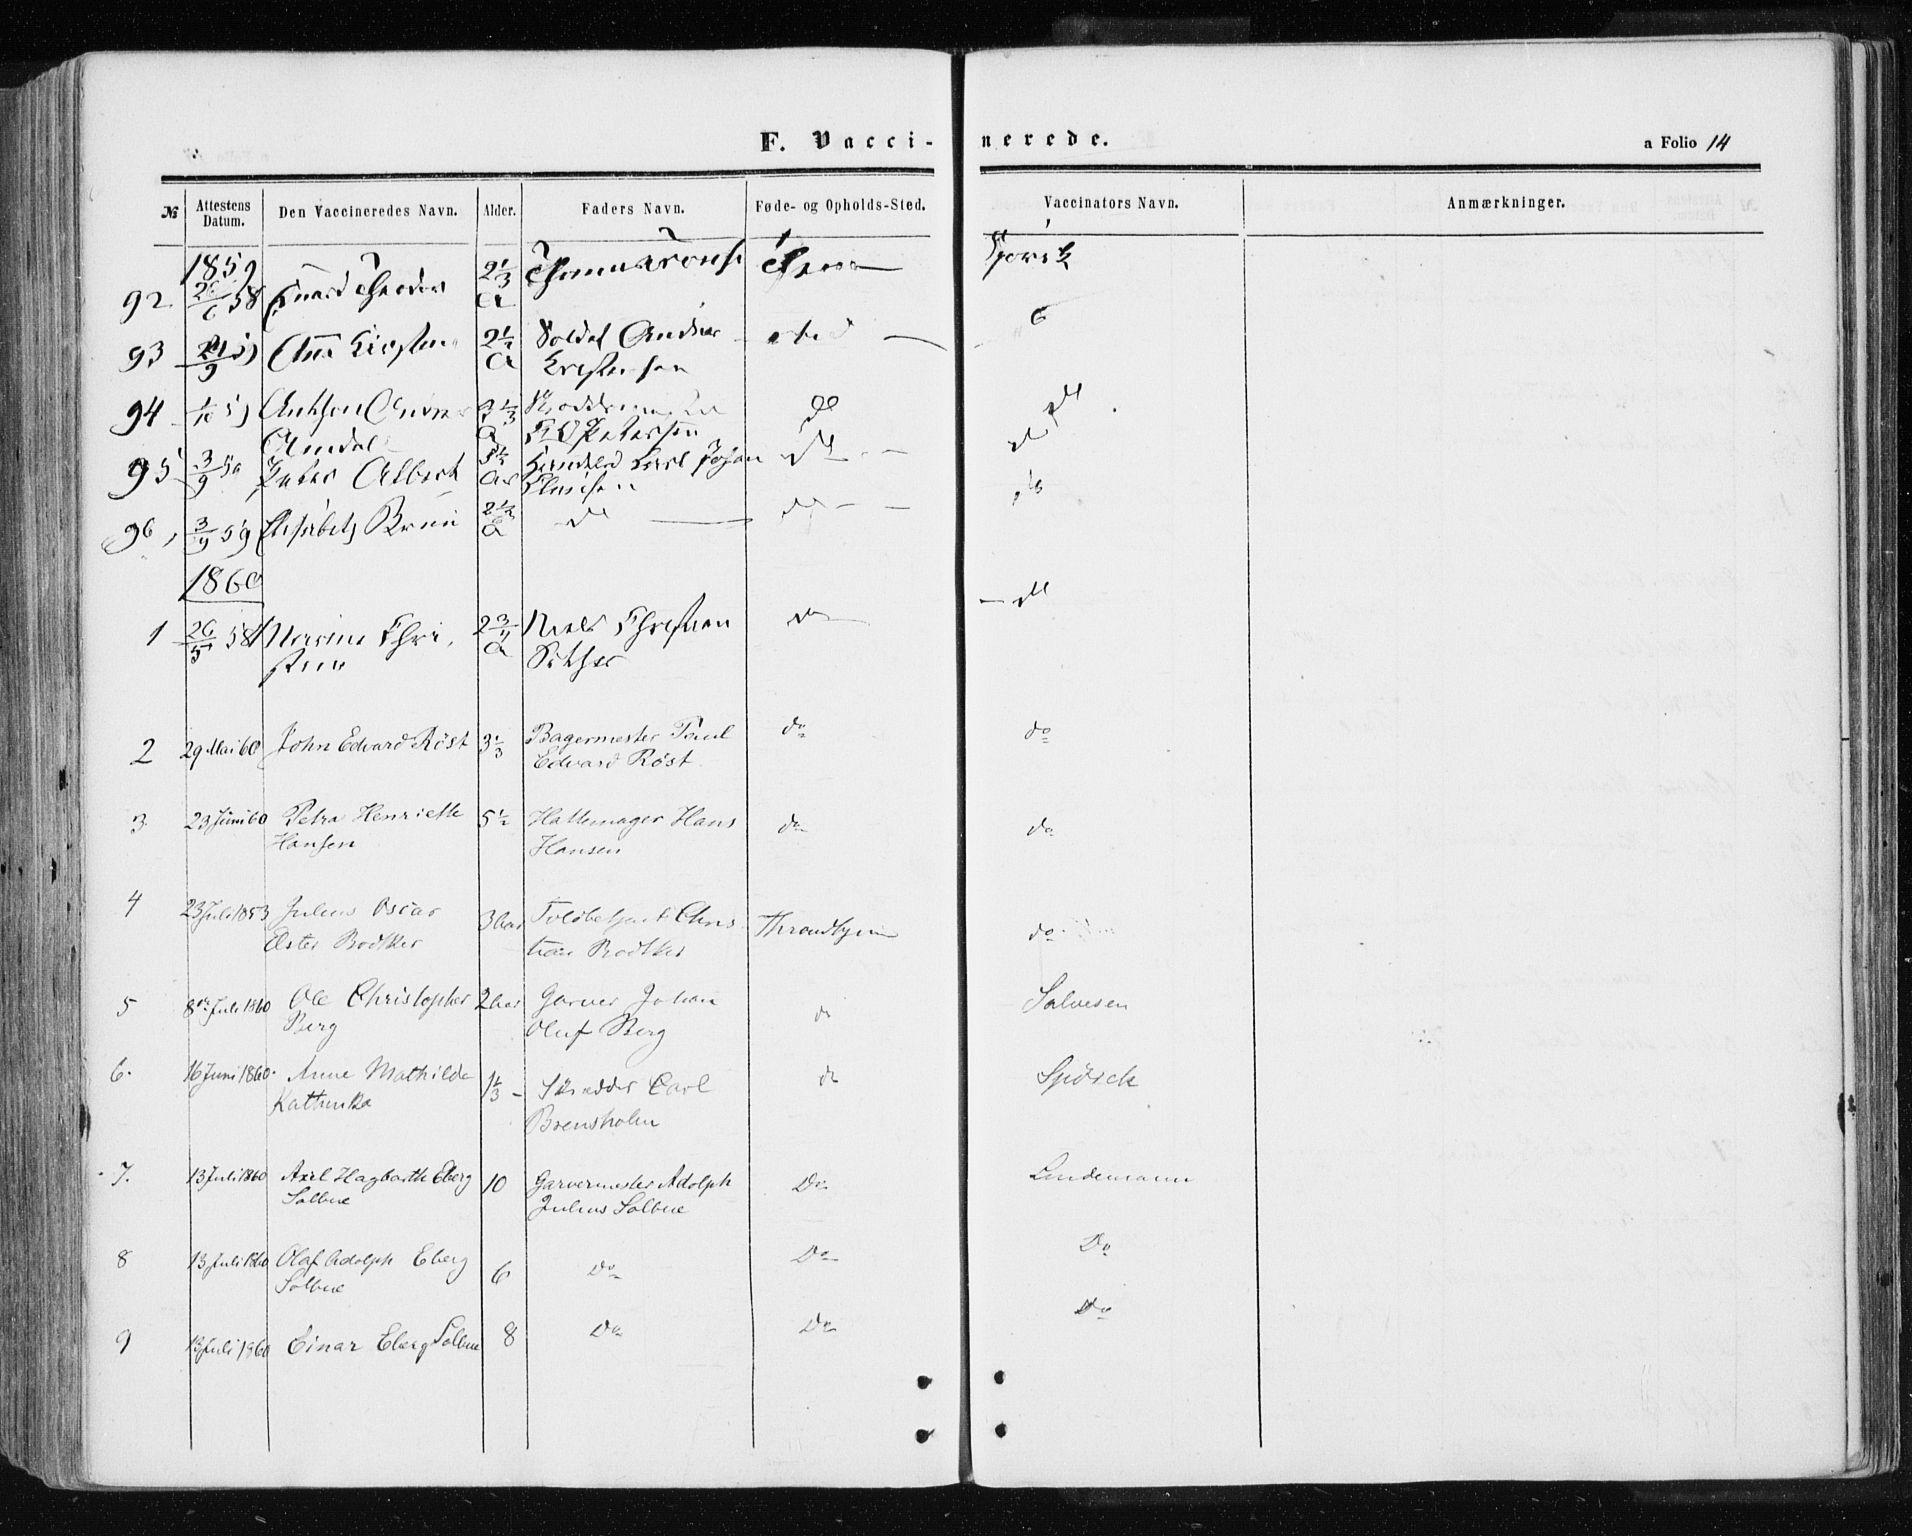 SAT, Ministerialprotokoller, klokkerbøker og fødselsregistre - Sør-Trøndelag, 601/L0053: Ministerialbok nr. 601A21, 1857-1865, s. 14